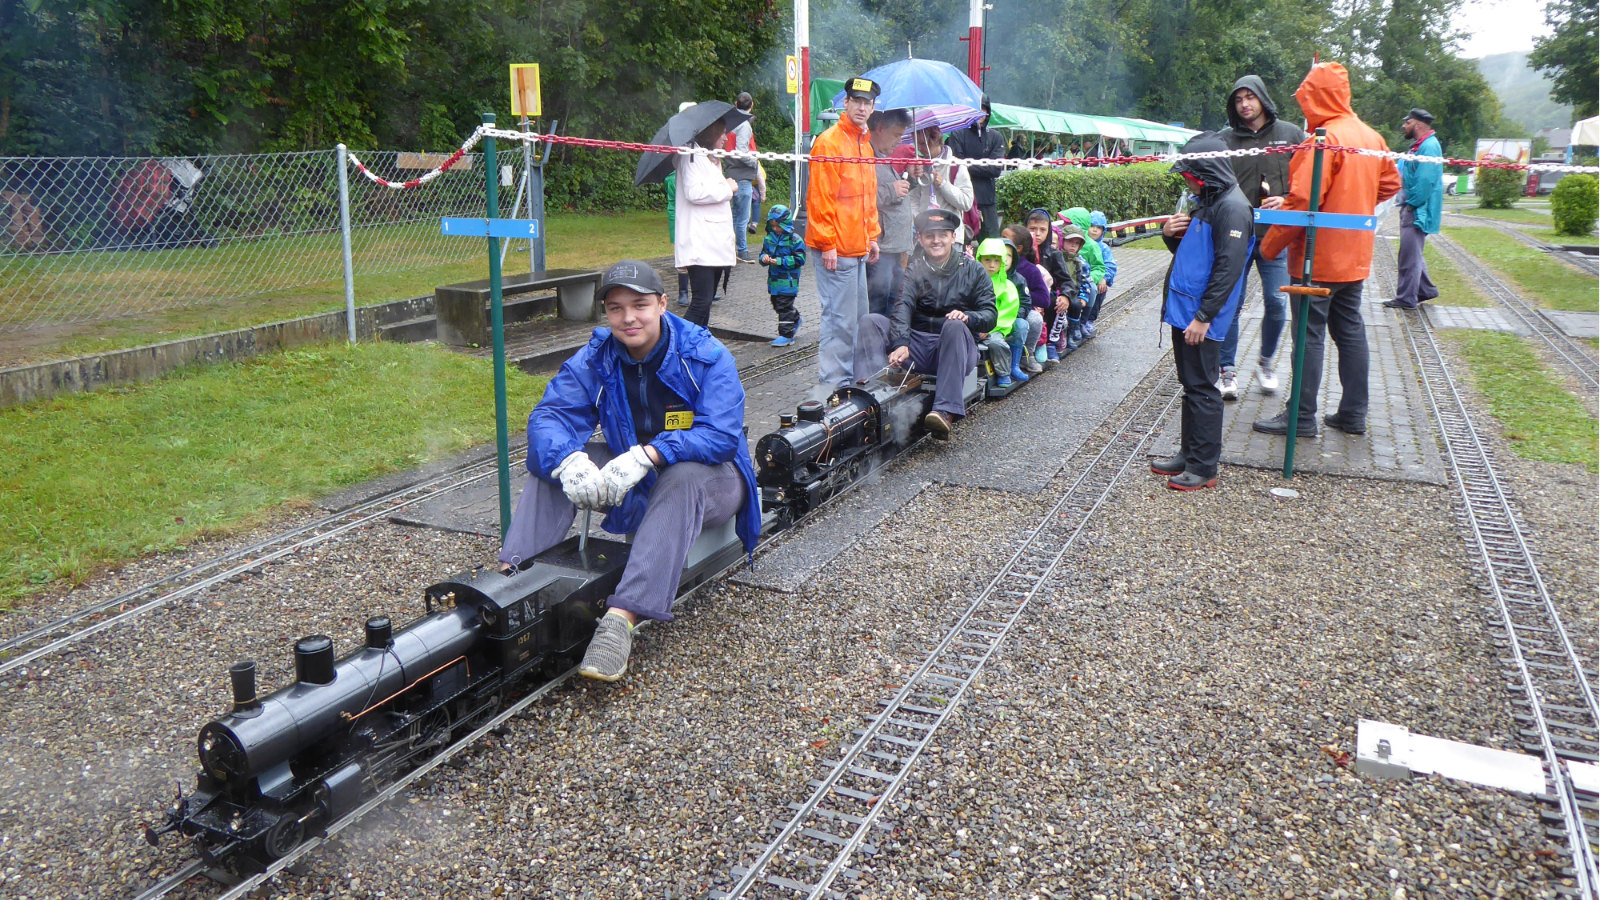 trotz Dauerregen ein Lächeln im Gesicht: Lokomotivführer der Dampflokomotiven